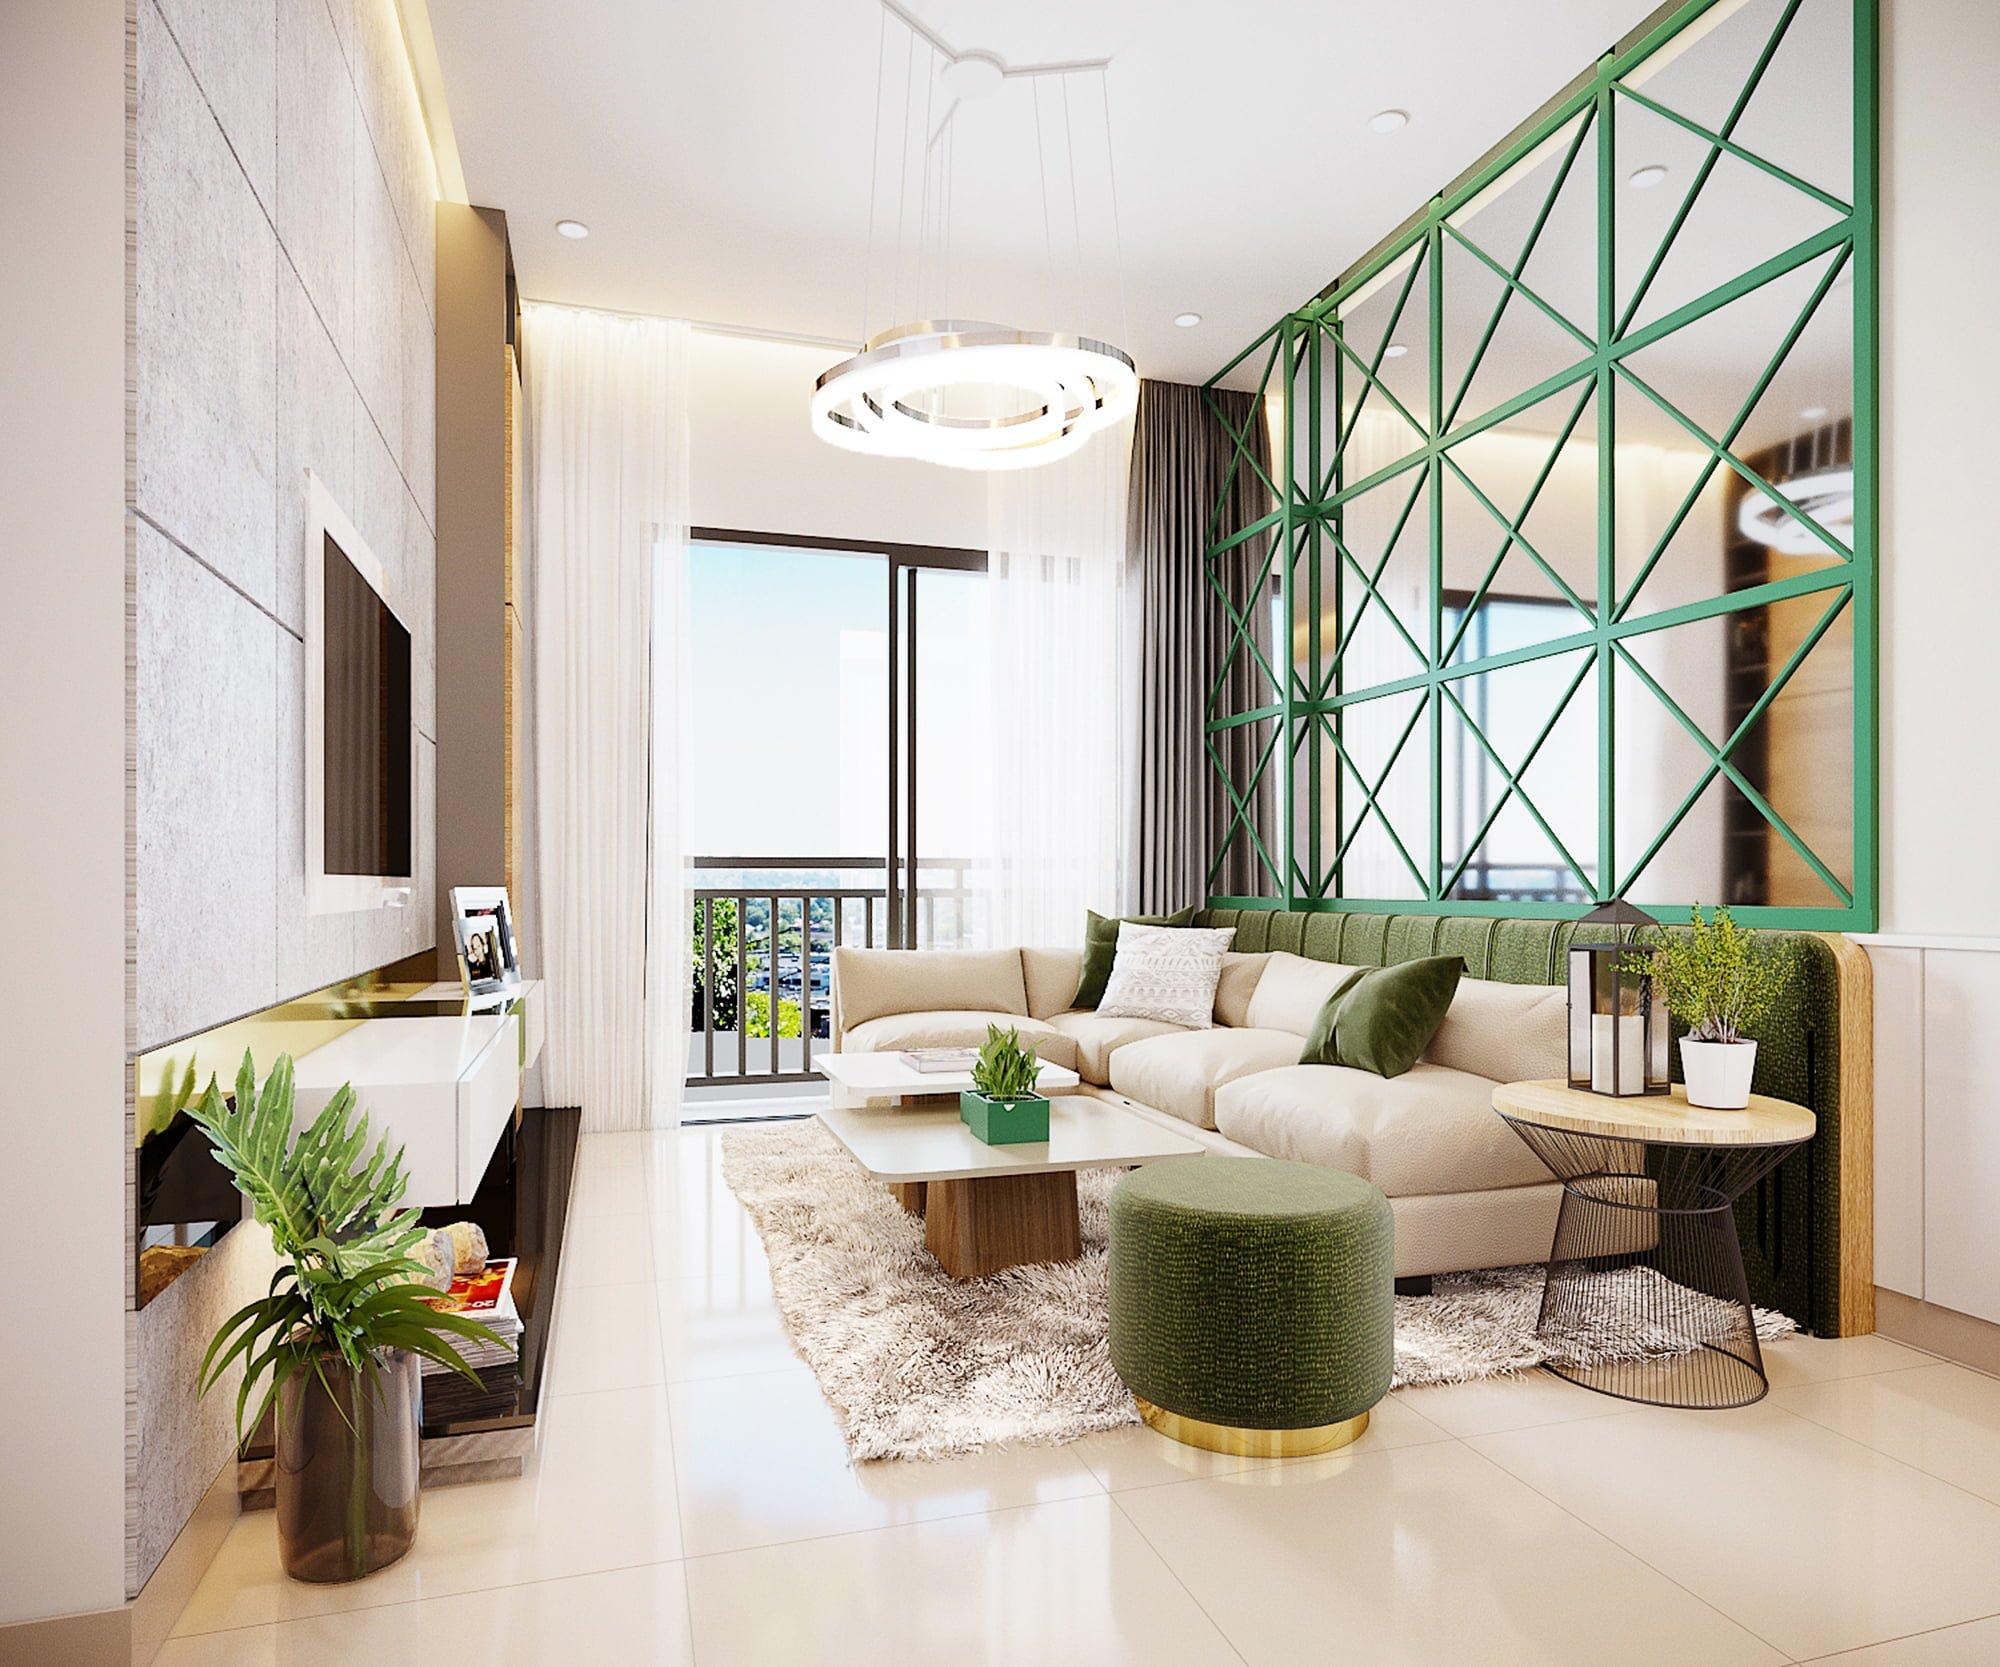 Thiết kế căn hộ Đại Học Quốc Gia TPHCM